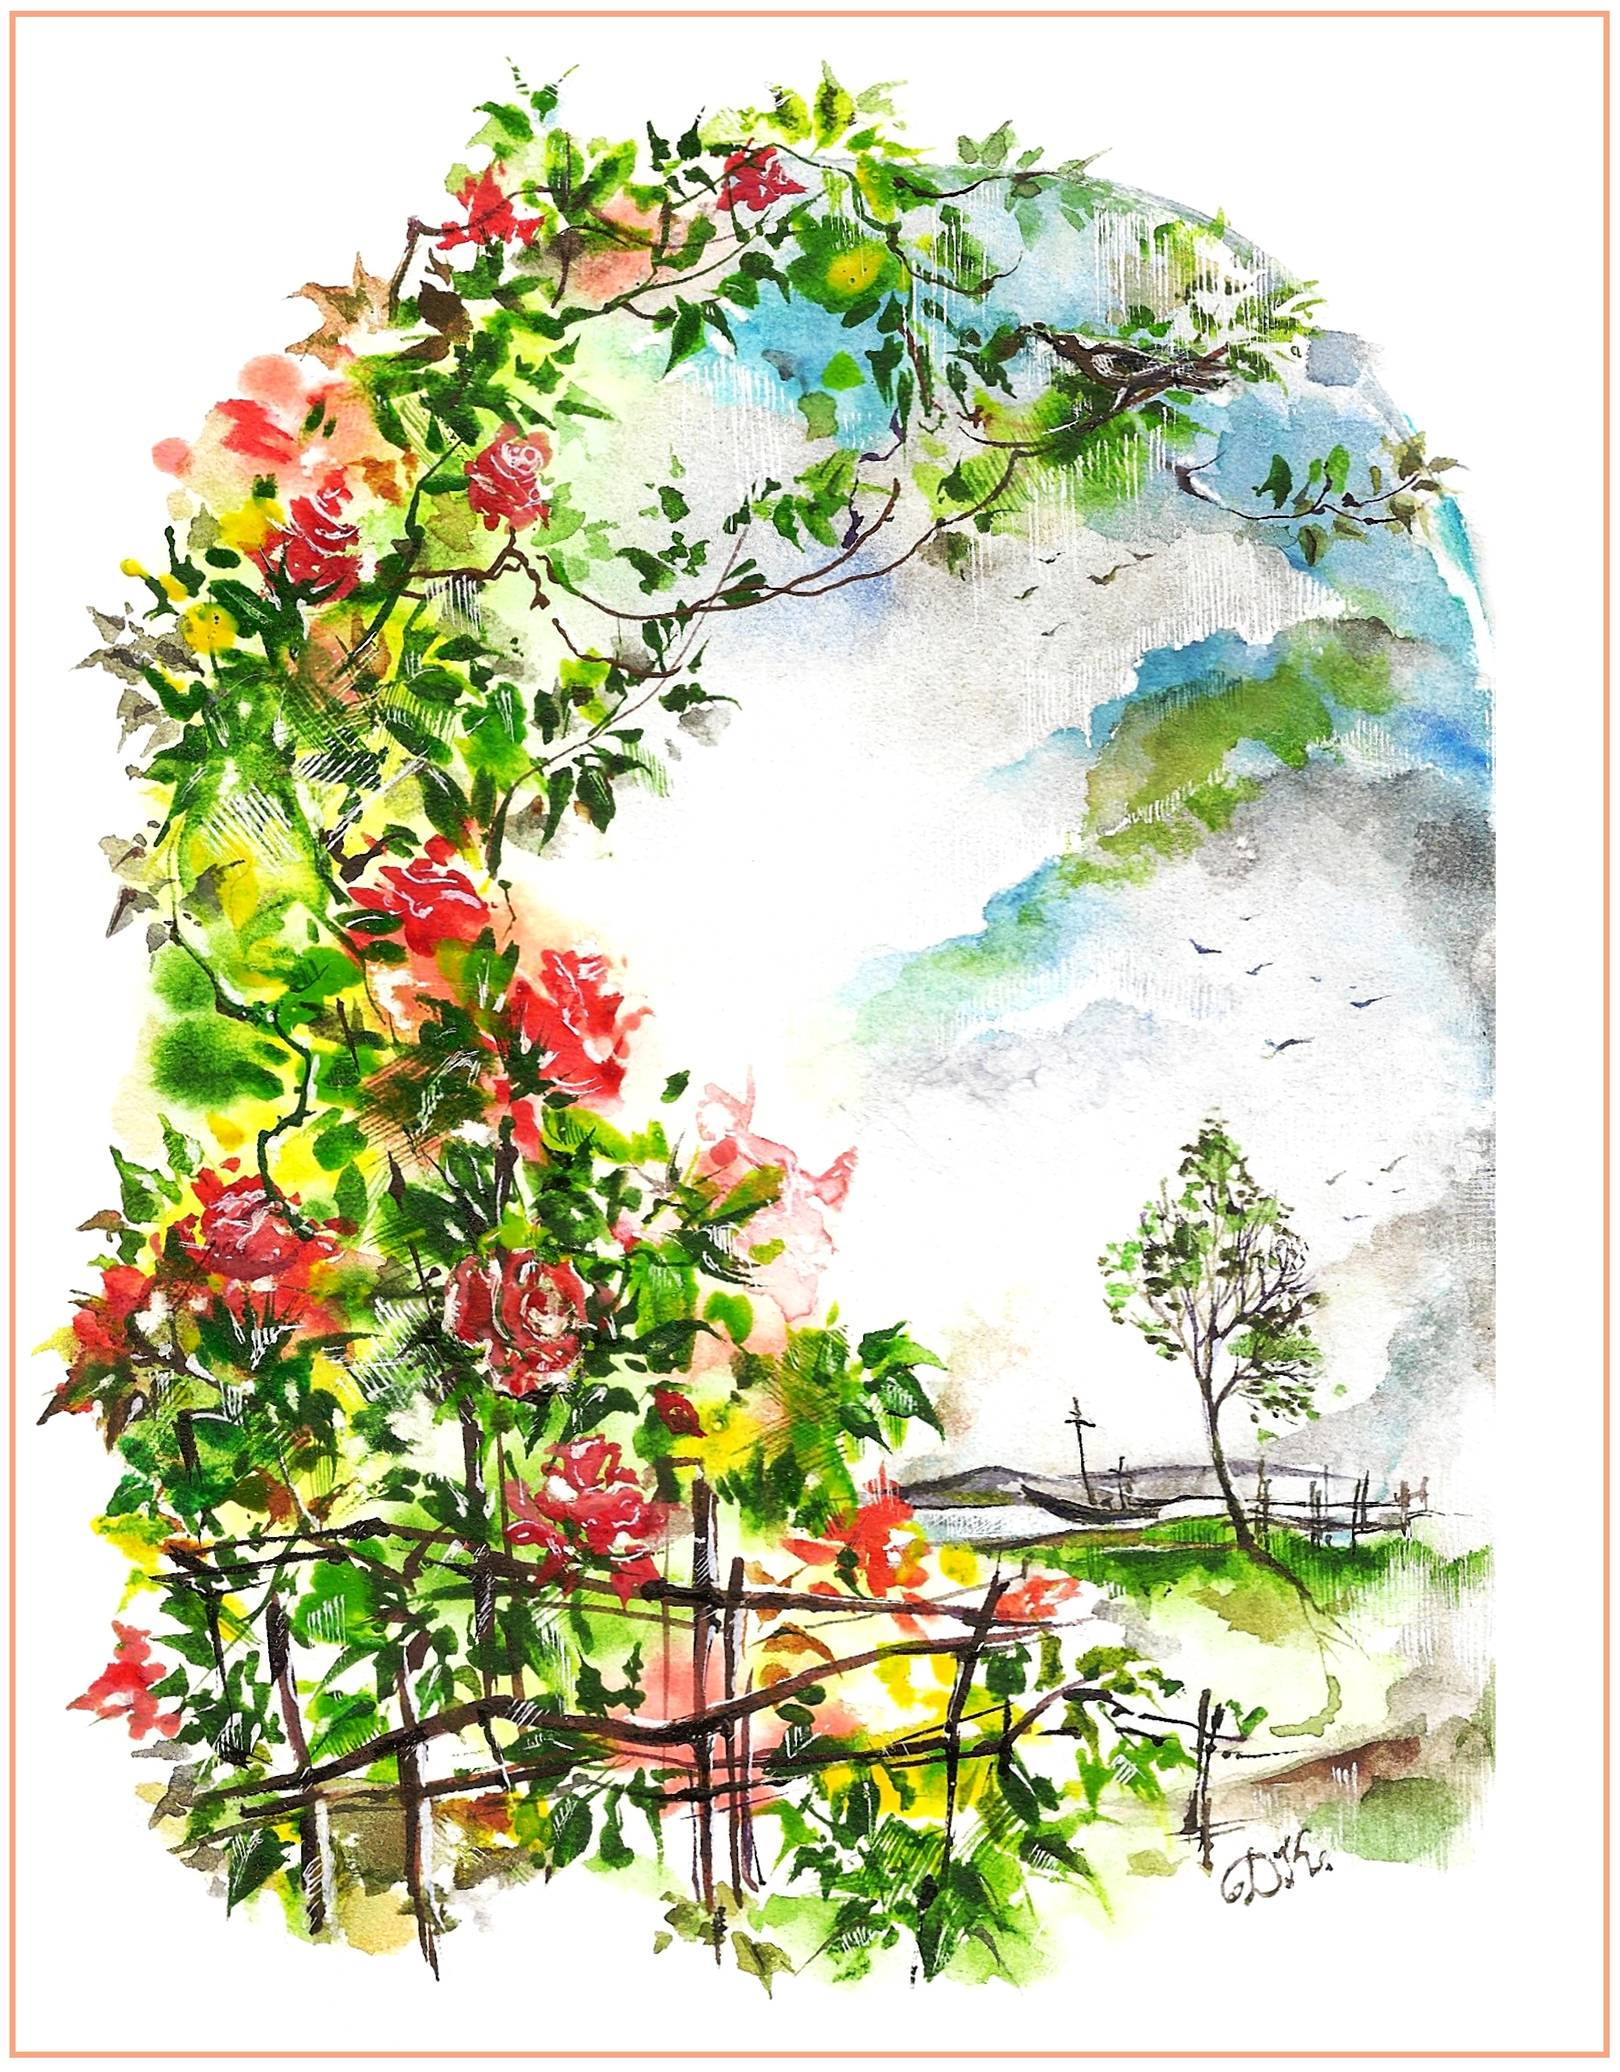 Проникновенные цветы...Иллюстрация к стихотворению С.Мирзаева. Акварель